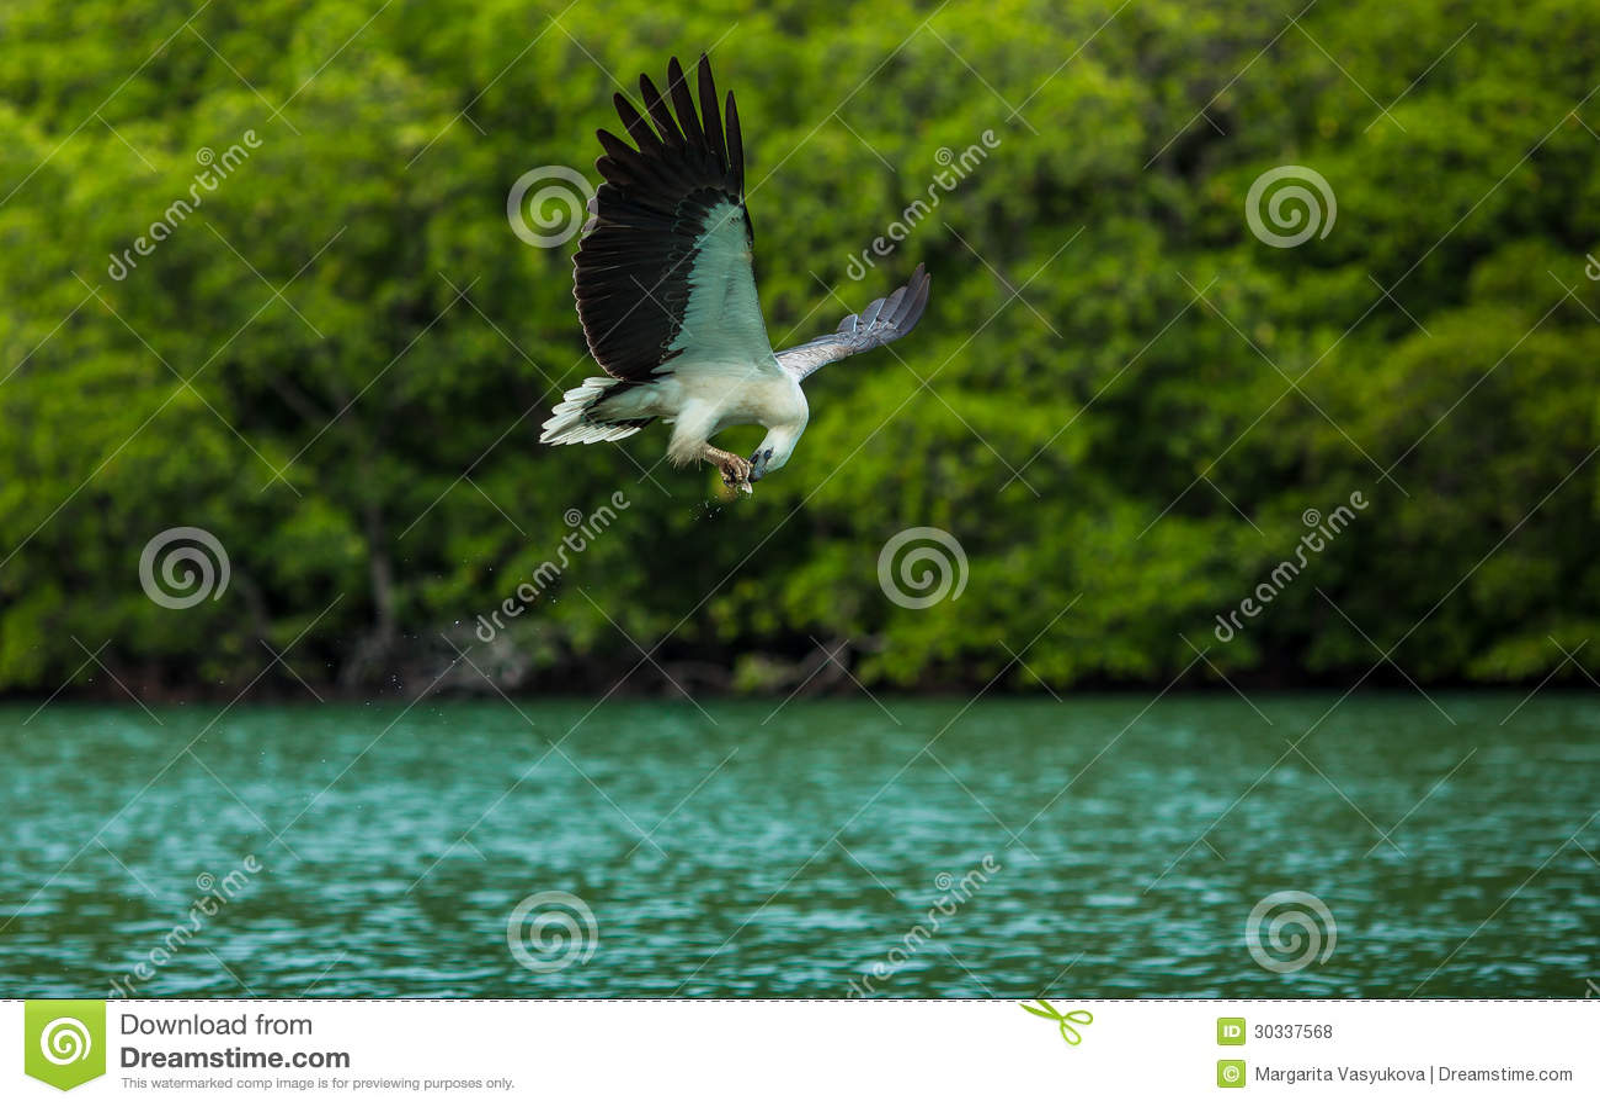 正在进行中吃的老鹰